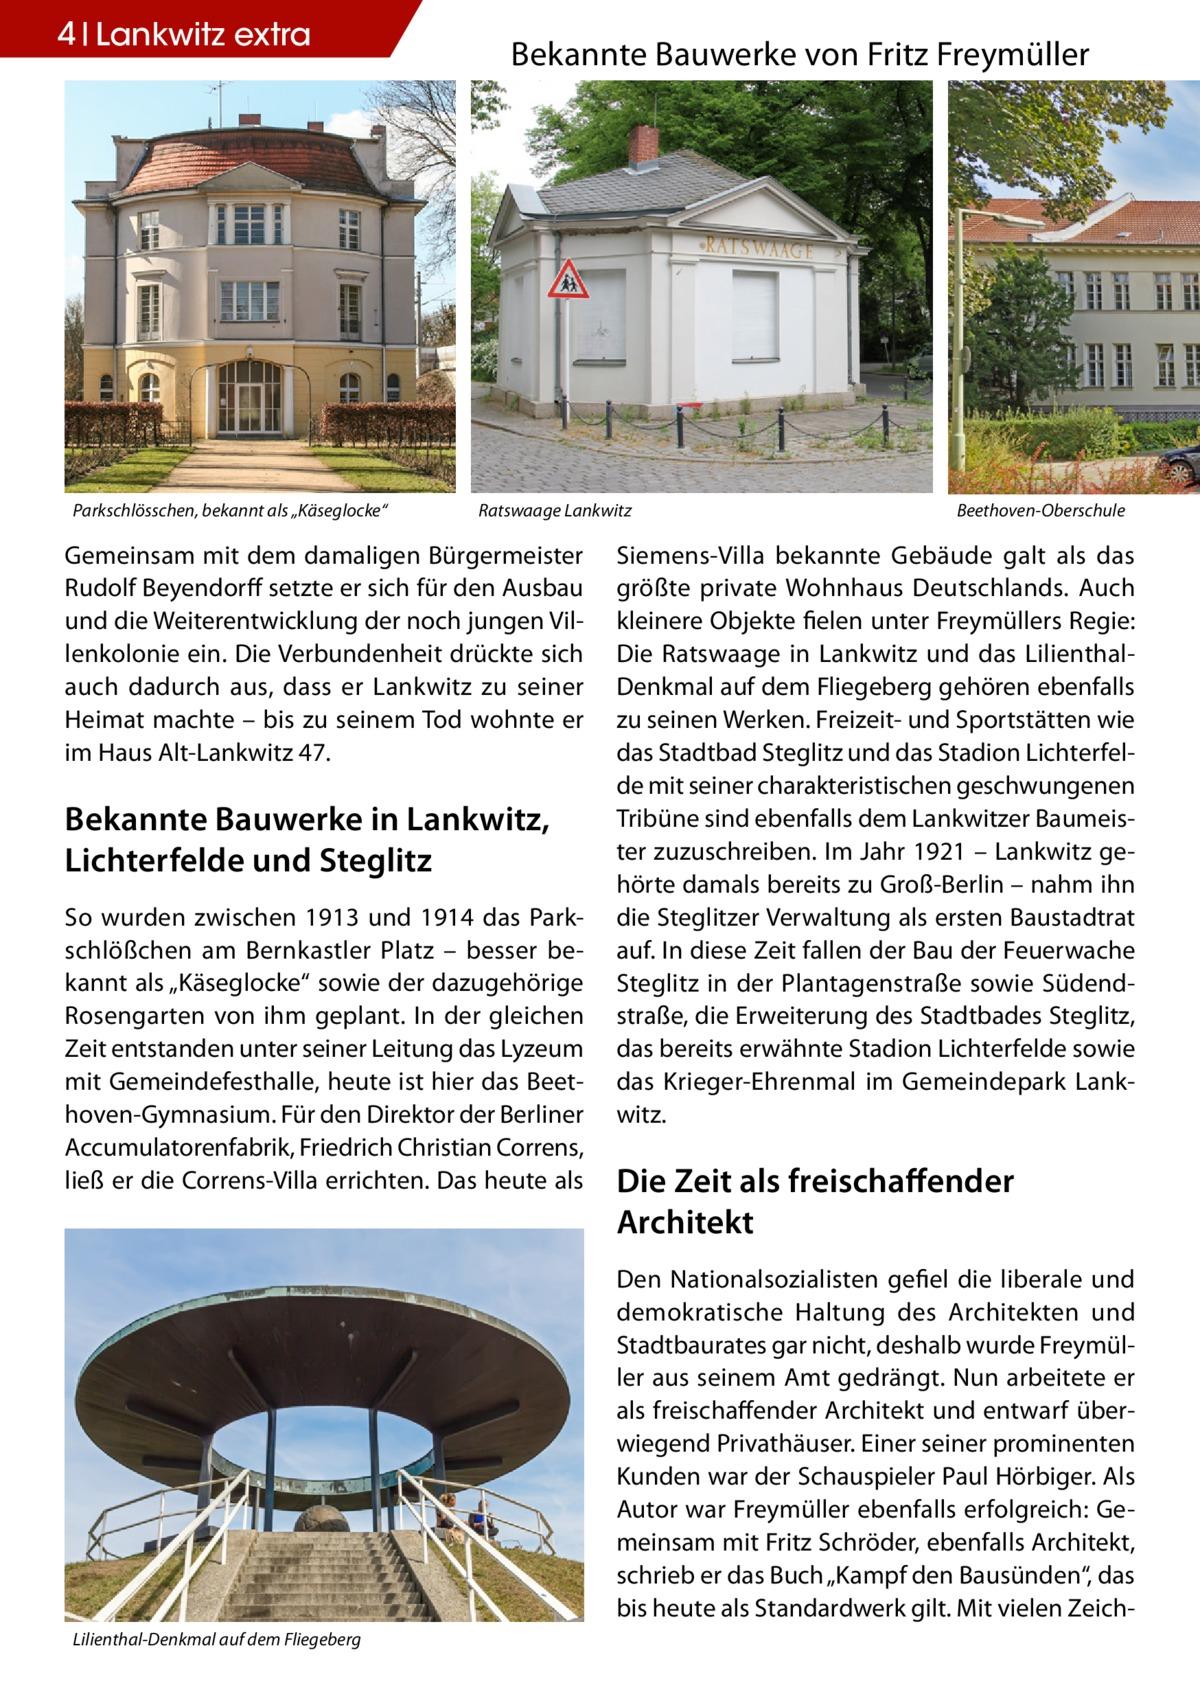 """4 Lankwitz extra  Parkschlösschen, bekannt als """"Käseglocke""""  Bekannte Bauwerke von Fritz Freymüller  Ratswaage Lankwitz  Gemeinsam mit dem damaligen Bürgermeister Rudolf Beyendorff setzte er sich für den Ausbau und die Weiterentwicklung der noch jungen Villenkolonie ein. Die Verbundenheit drückte sich auch dadurch aus, dass er Lankwitz zu seiner Heimat machte – bis zu seinem Tod wohnte er im Haus Alt-Lankwitz 47.  Bekannte Bauwerke in Lankwitz, Lichterfelde und Steglitz So wurden zwischen 1913 und 1914 das Parkschlößchen am Bernkastler Platz – besser bekannt als """"Käseglocke"""" sowie der dazugehörige Rosengarten von ihm geplant. In der gleichen Zeit entstanden unter seiner Leitung das Lyzeum mit Gemeindefesthalle, heute ist hier das Beethoven-Gymnasium. Für den Direktor der Berliner Accumulatorenfabrik, Friedrich Christian Correns, ließ er die Correns-Villa errichten. Das heute als  Beethoven-Oberschule  Siemens-Villa bekannte Gebäude galt als das größte private Wohnhaus Deutschlands. Auch kleinere Objekte fielen unter Freymüllers Regie: Die Ratswaage in Lankwitz und das LilienthalDenkmal auf dem Fliegeberg gehören ebenfalls zu seinen Werken. Freizeit- und Sportstätten wie das Stadtbad Steglitz und das Stadion Lichterfelde mit seiner charakteristischen geschwungenen Tribüne sind ebenfalls dem Lankwitzer Baumeister zuzuschreiben. Im Jahr 1921 – Lankwitz gehörte damals bereits zu Groß-Berlin – nahm ihn die Steglitzer Verwaltung als ersten Baustadtrat auf. In diese Zeit fallen der Bau der Feuerwache Steglitz in der Plantagenstraße sowie Südendstraße, die Erweiterung des Stadtbades Steglitz, das bereits erwähnte Stadion Lichterfelde sowie das Krieger-Ehrenmal im Gemeindepark Lankwitz.  Die Zeit als freischaffender Architekt Den Nationalsozialisten gefiel die liberale und demokratische Haltung des Architekten und Stadtbaurates gar nicht, deshalb wurde Freymüller aus seinem Amt gedrängt. Nun arbeitete er als freischaffender Architekt und entwarf überwiegend Privathäuser. Ein"""